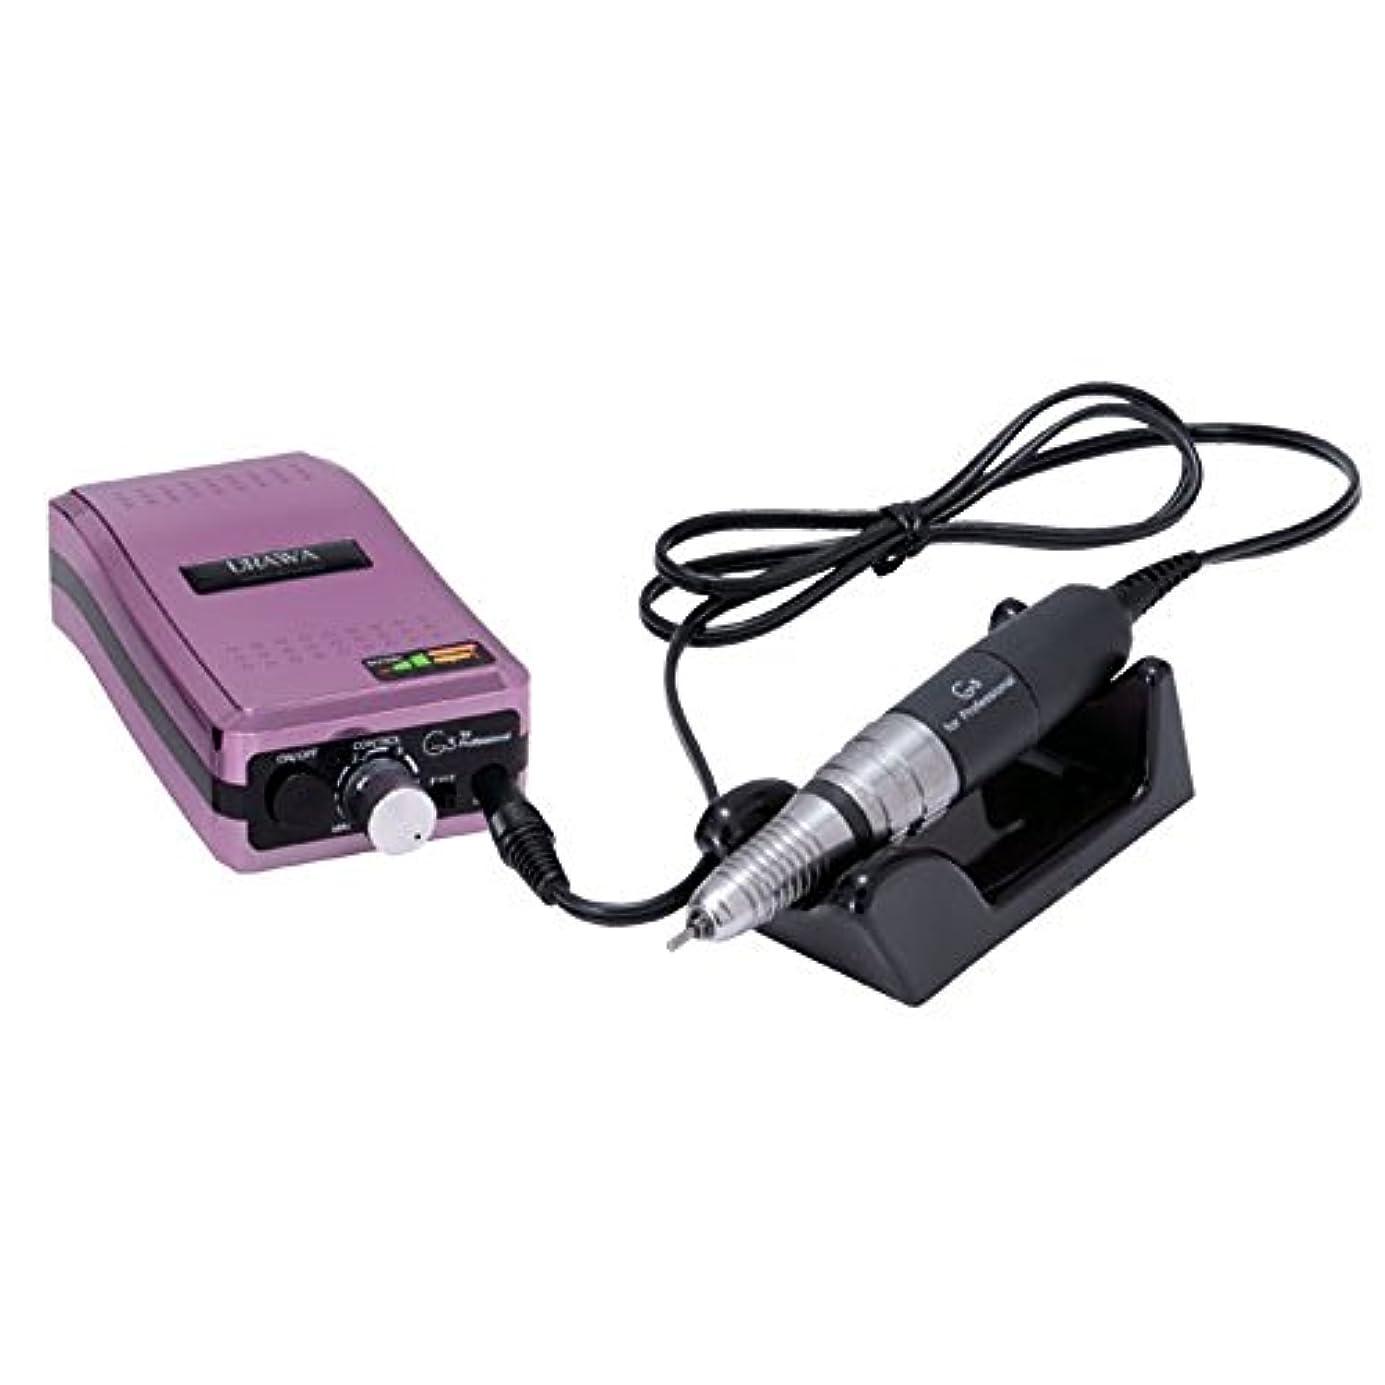 きらめく多様性ジョリーポータブルネイルマシーンG3 ピンク